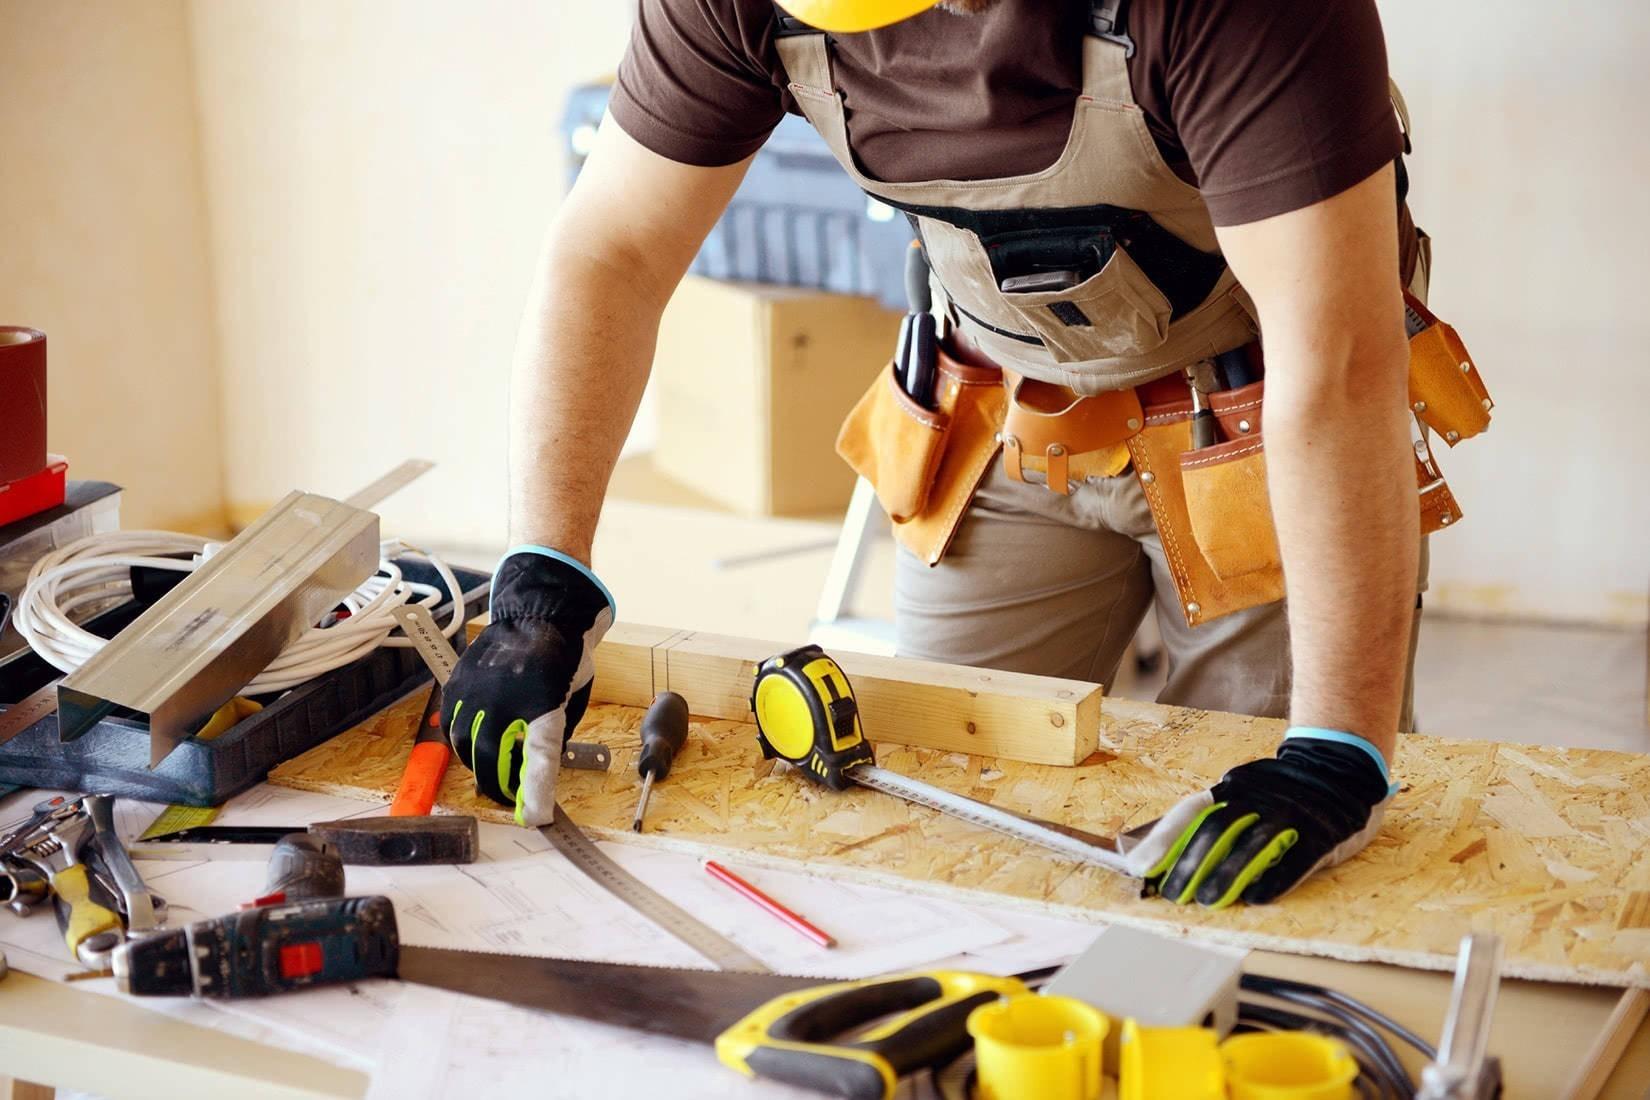 картинки ремонт квартиры или дома этому многие